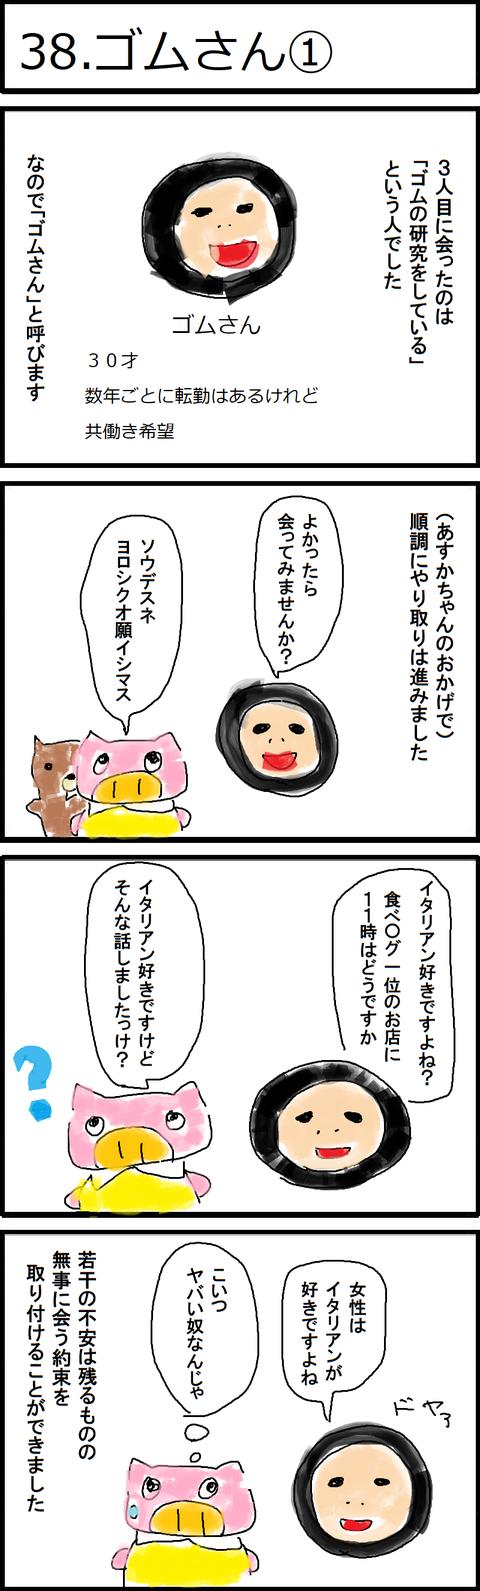 38.ゴムさん①